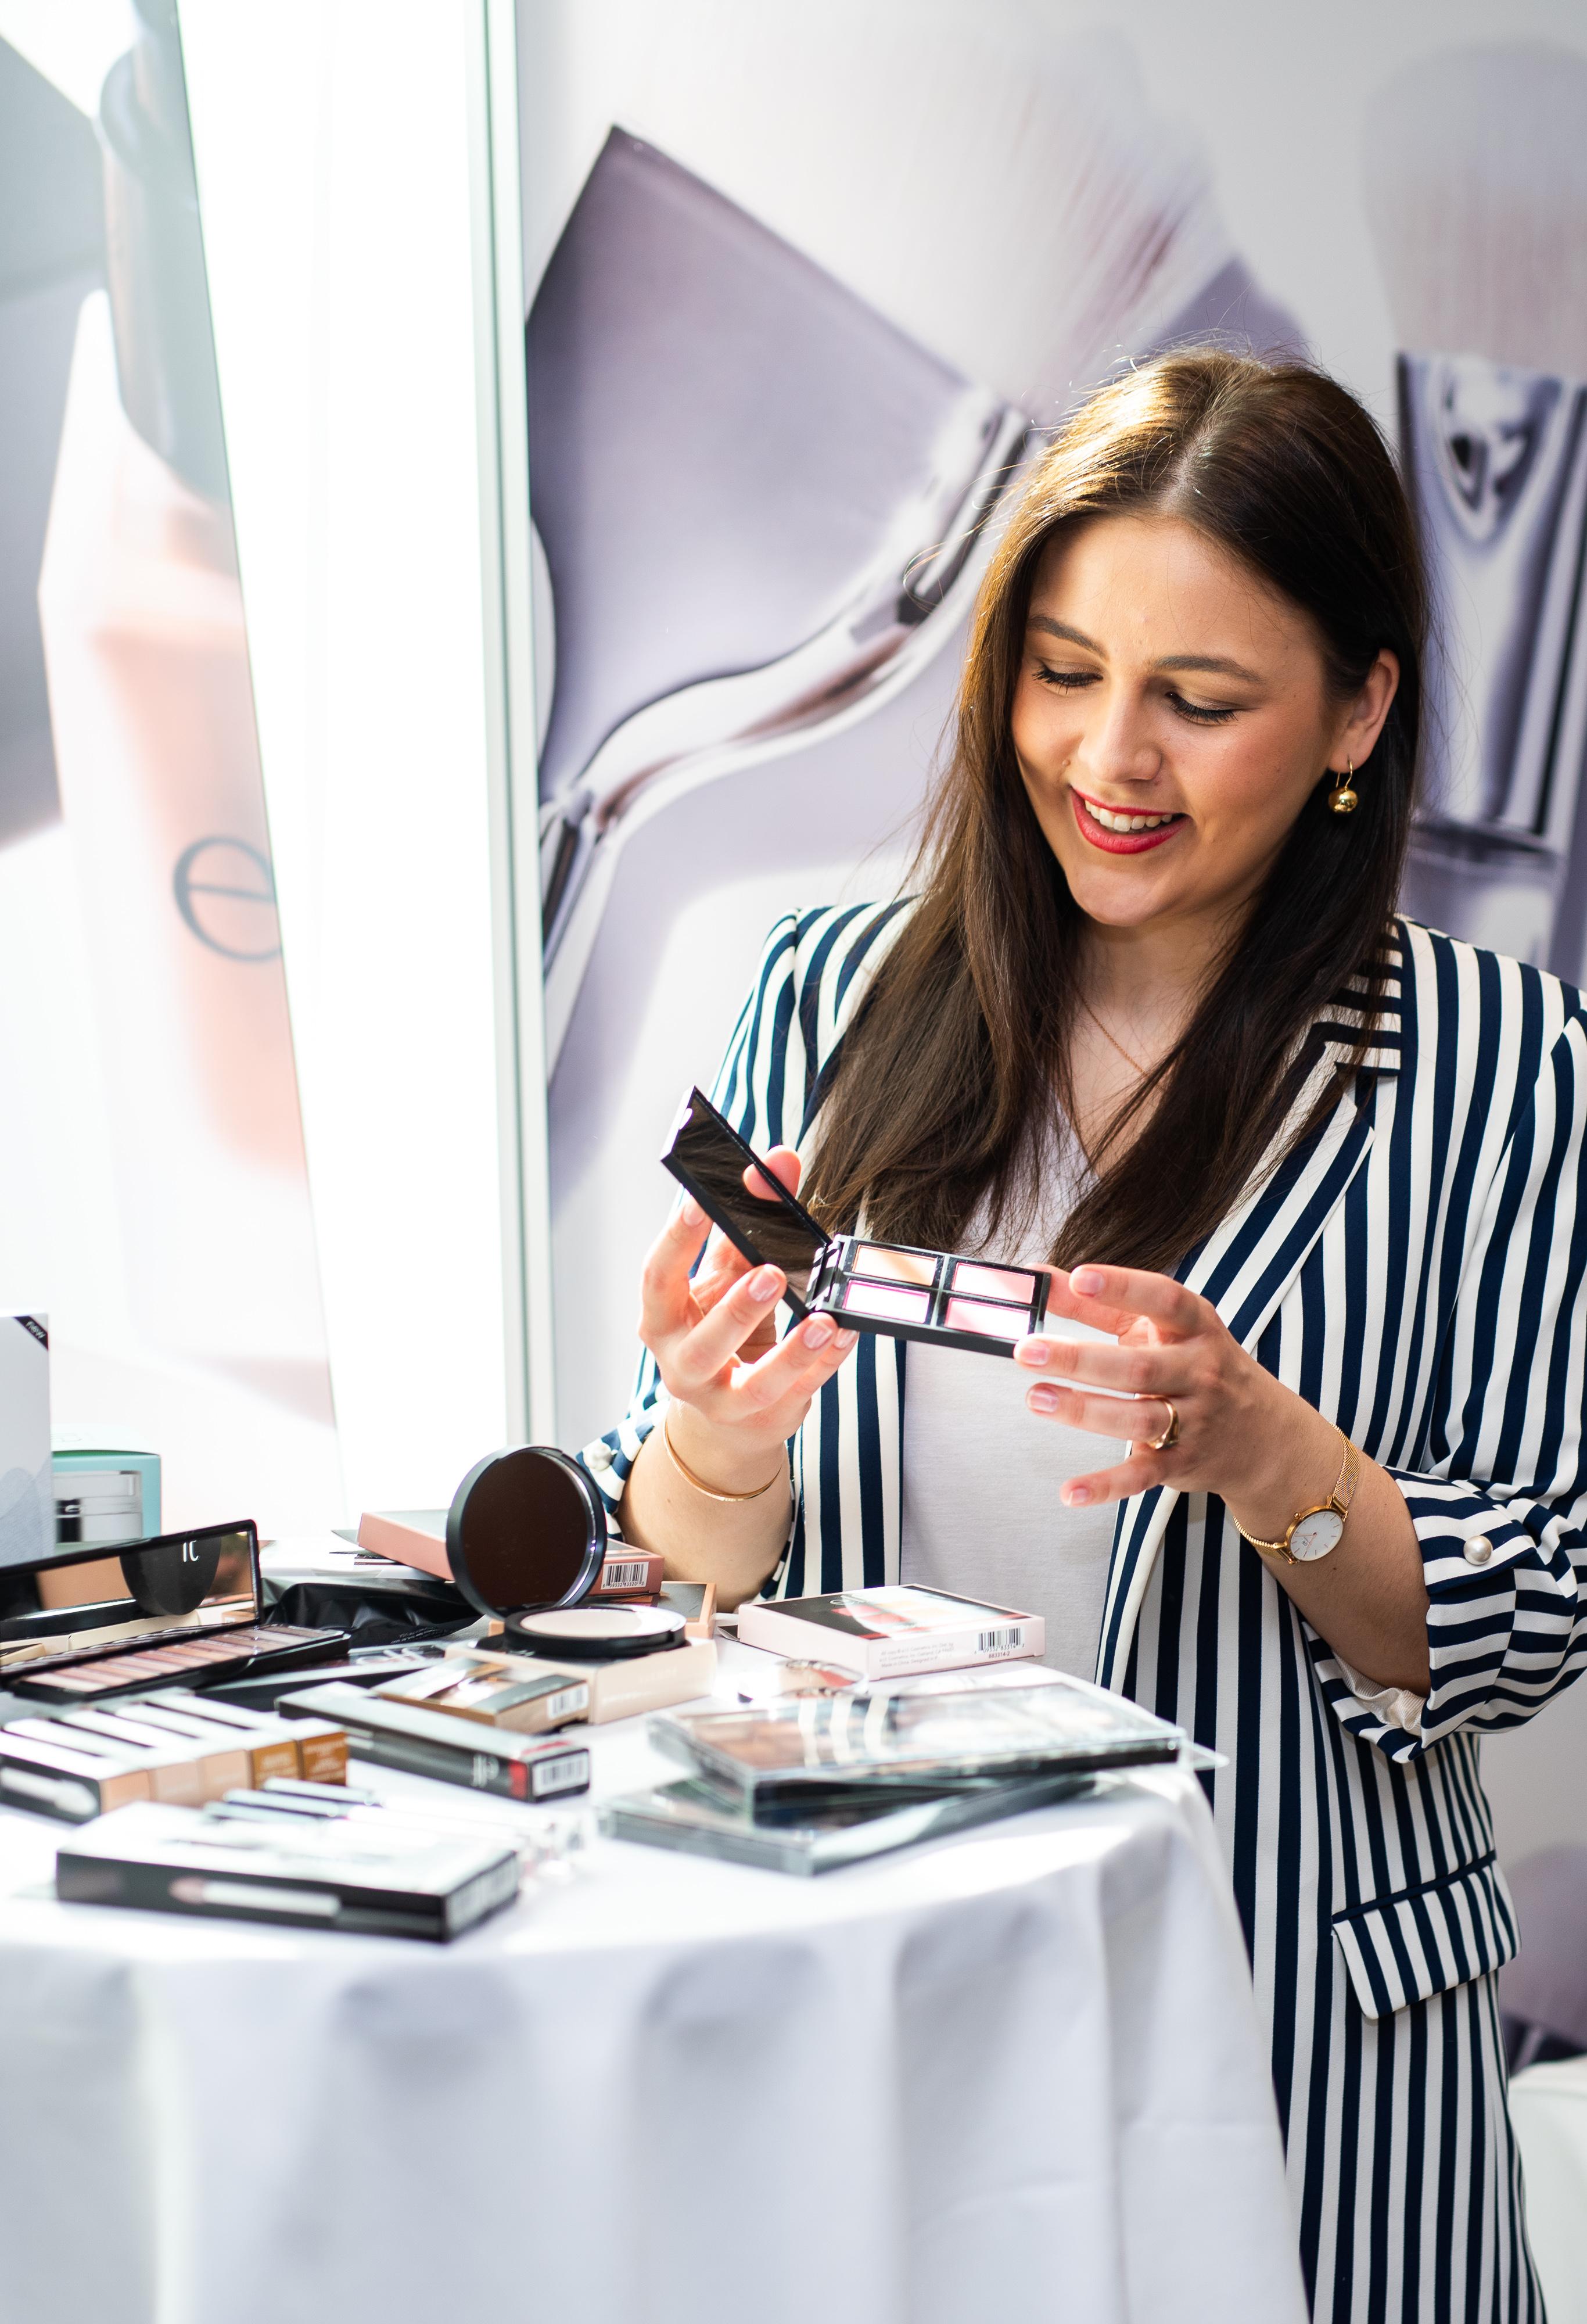 Networking Deluxe by Mediadeluxe! Die Fashiondeluxxe Style Party - Edition: Business bot den Business Women in München eine stilvolle Plattform für's Netzwerken - Make Up Produkte